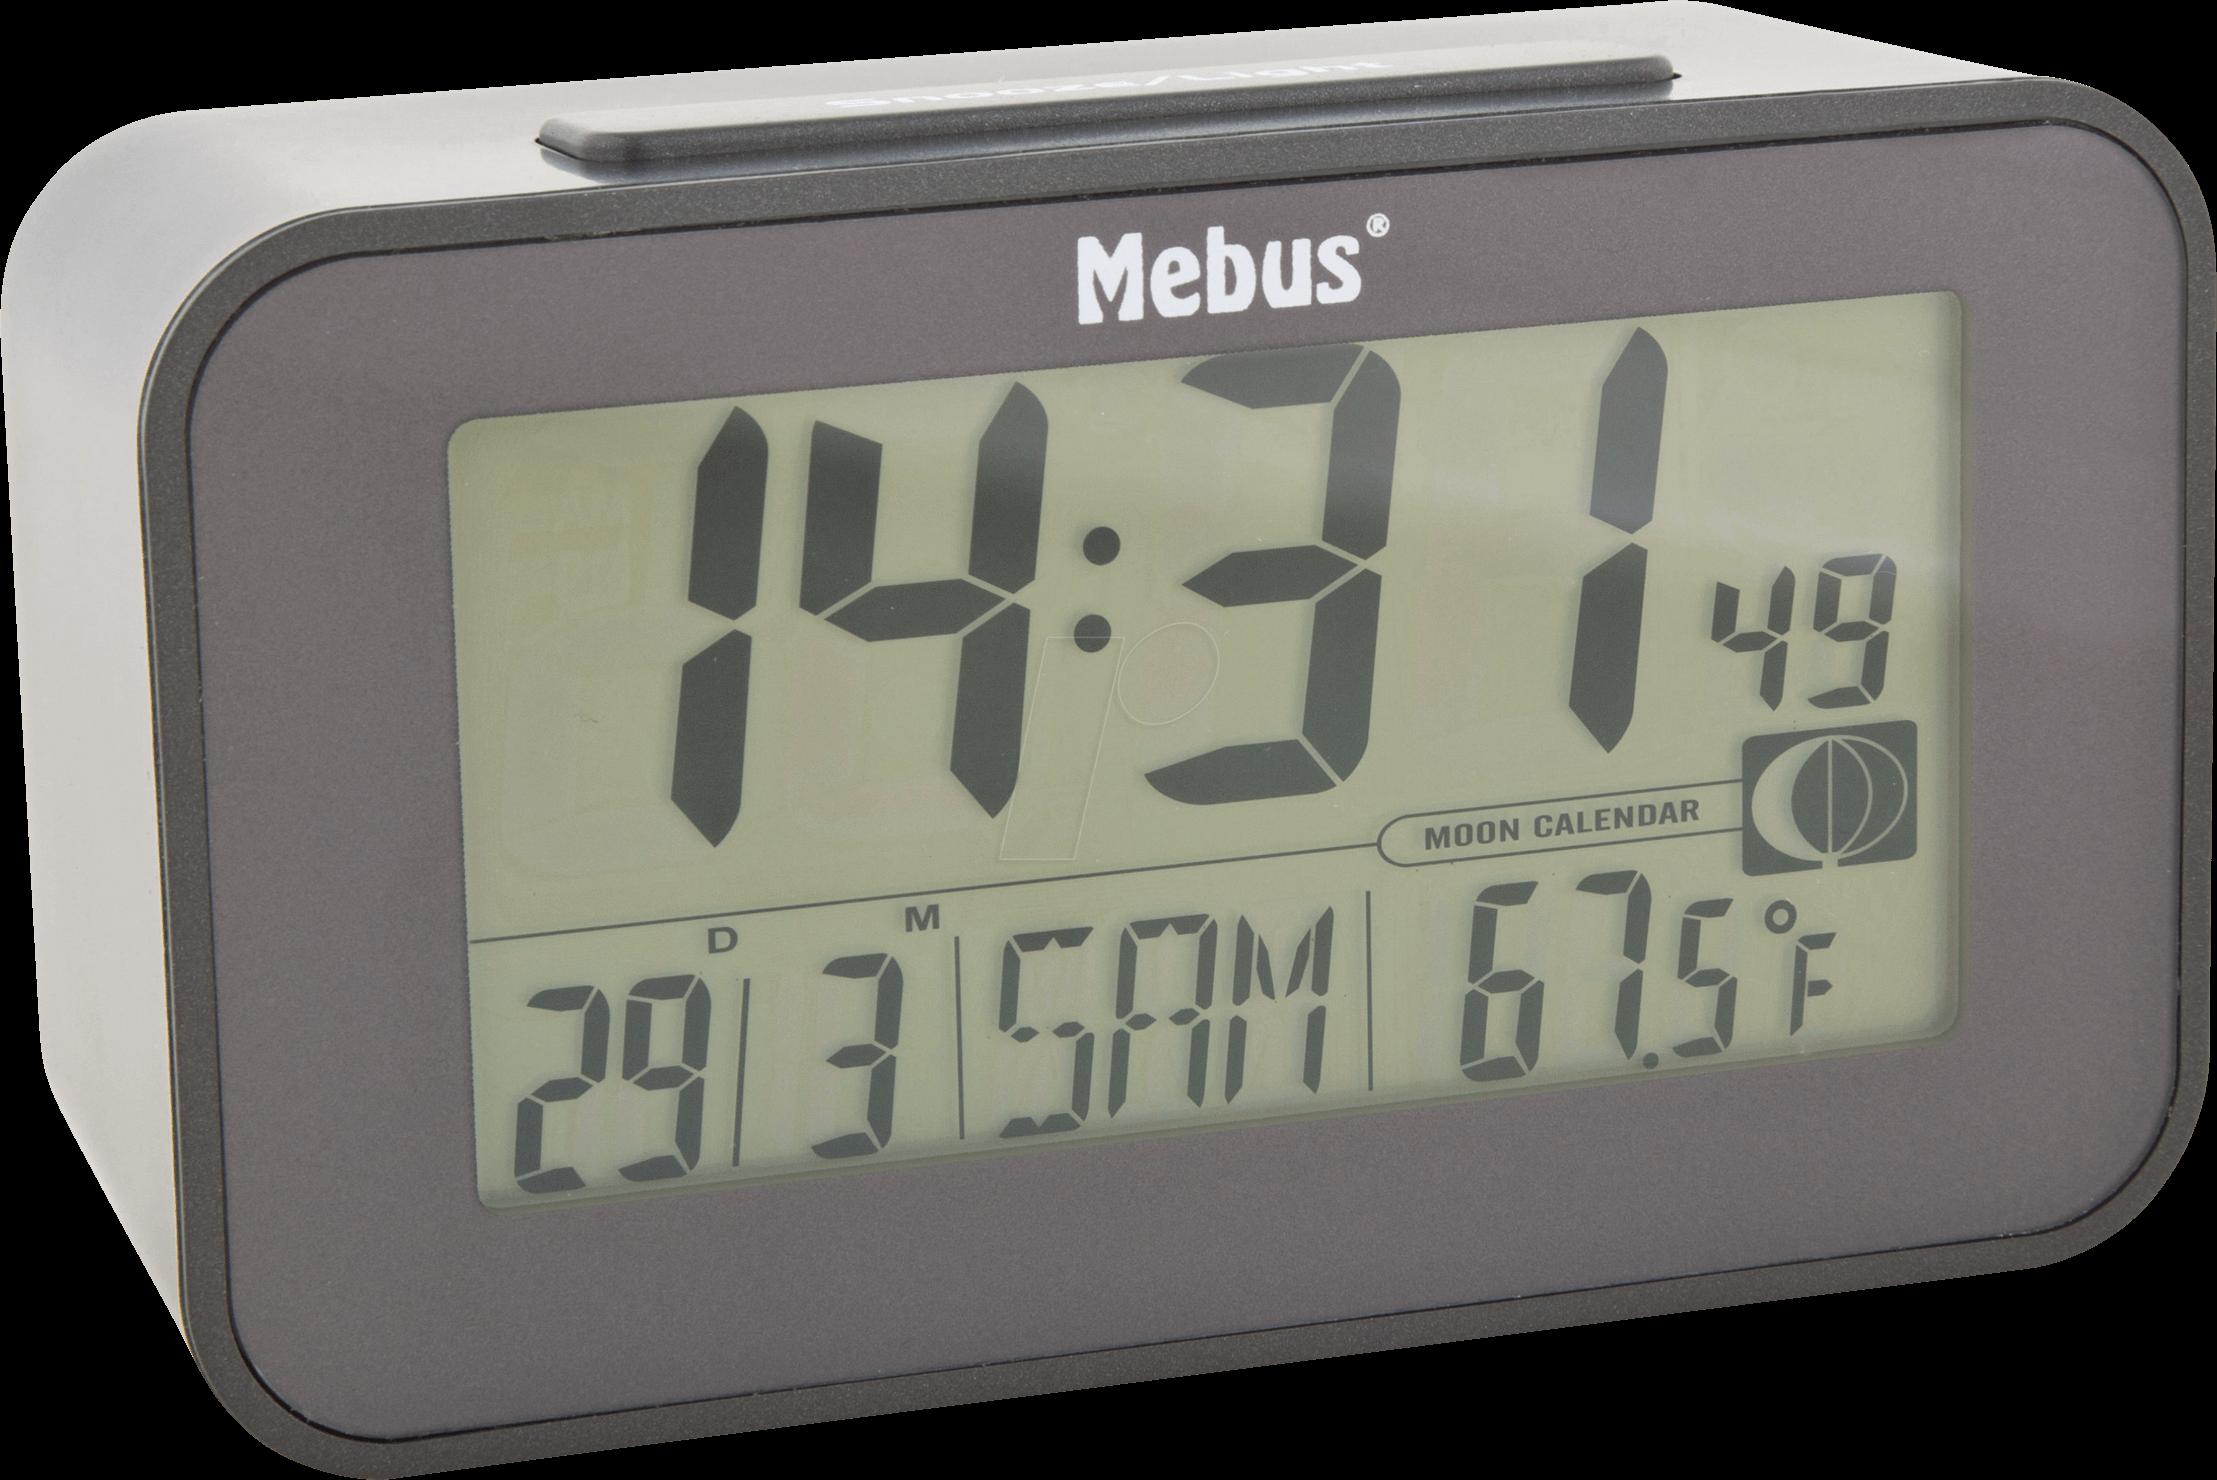 MEBUS 51460 - Funkwecker digital, Mondphasenanzeige, schwarz